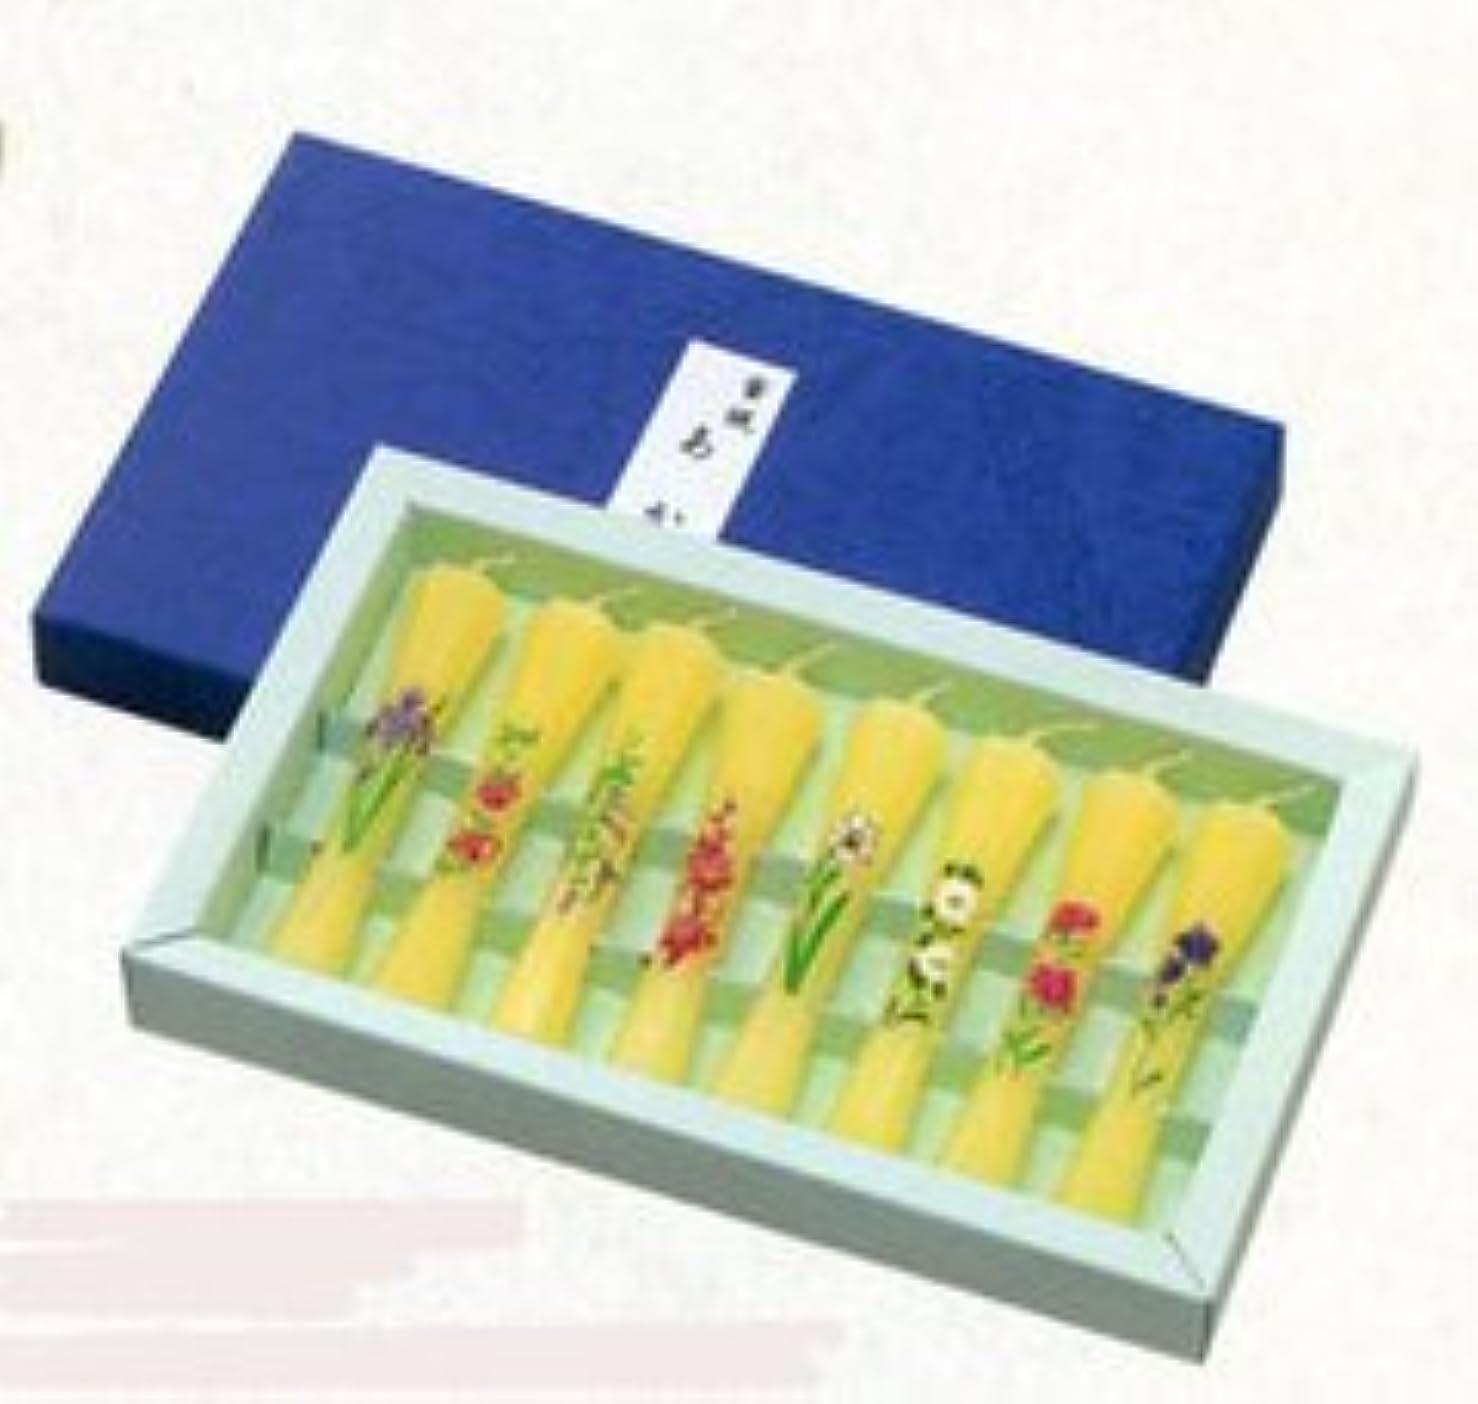 明るくするイタリアの栄光鮮やかな花の絵ローソク8本 蜜蝋(みつろー) 茜 絵ローソク